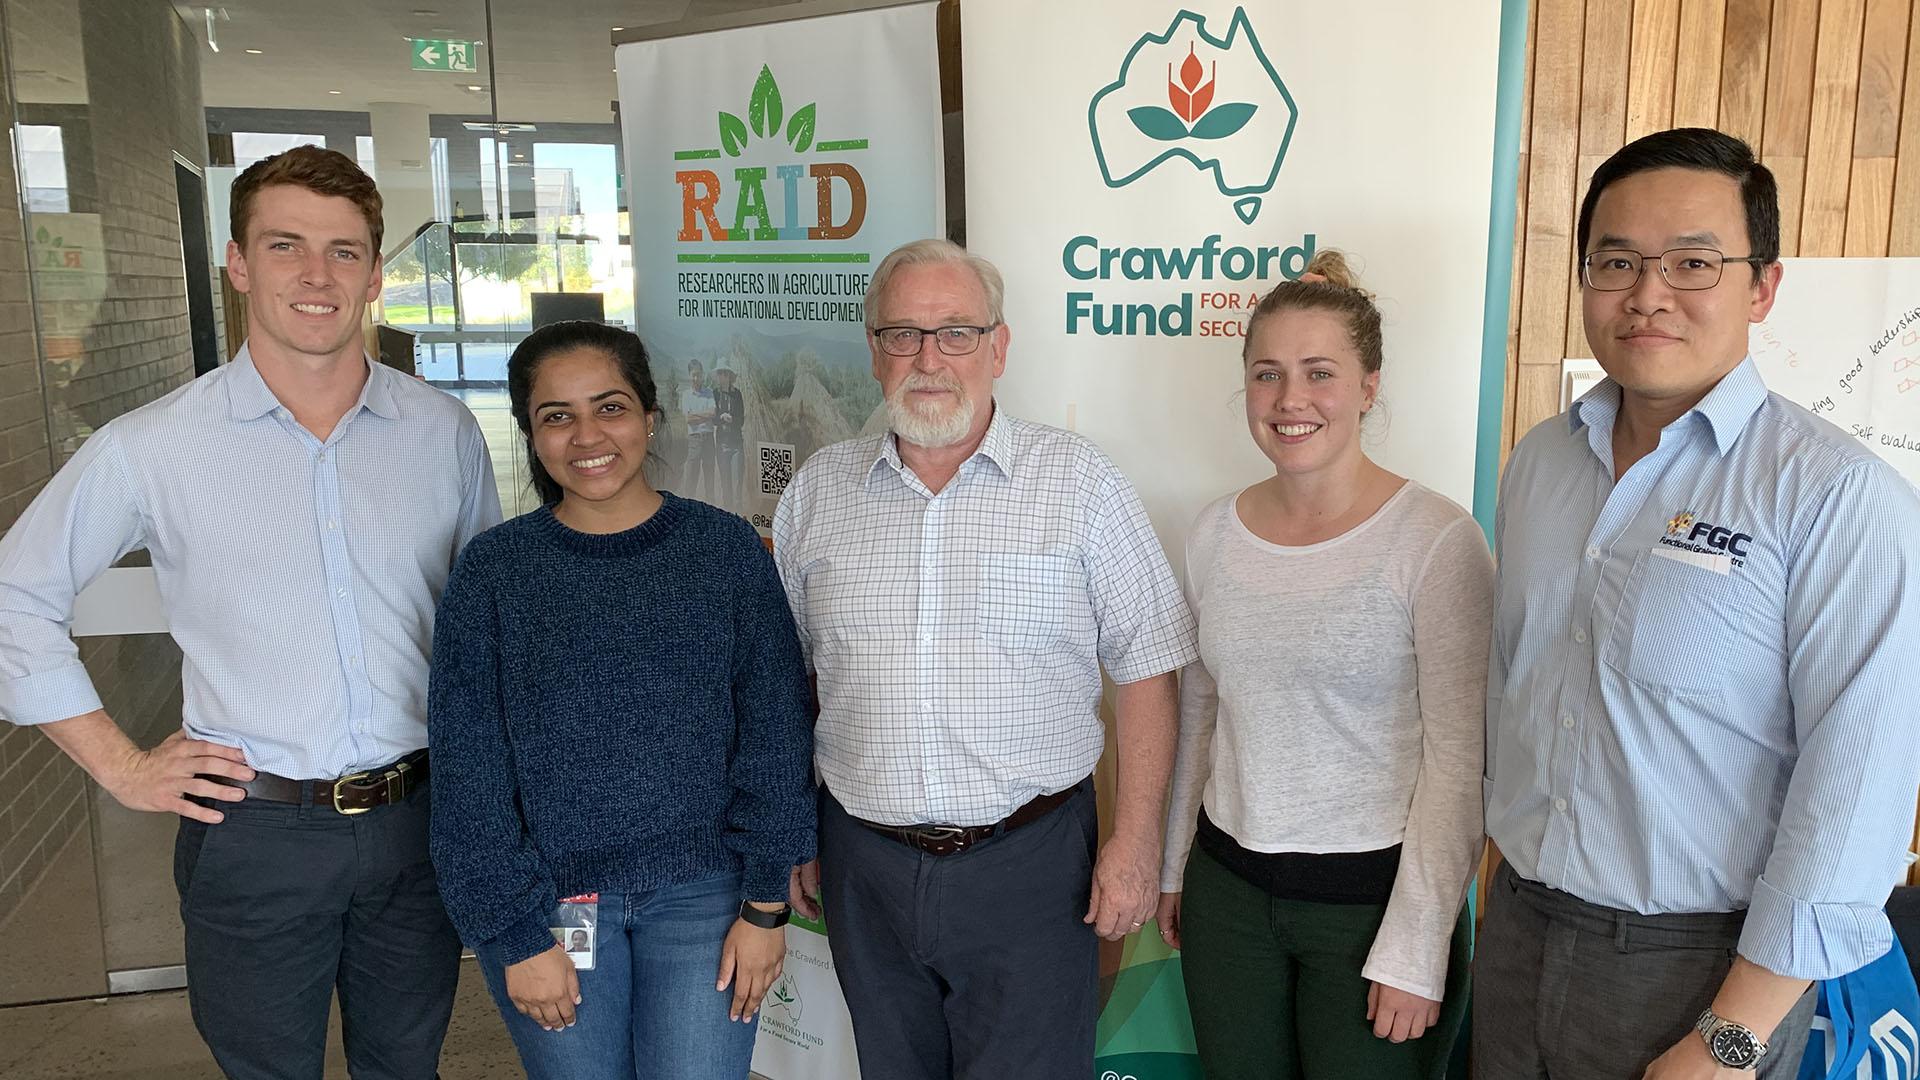 FGC members at the RAID workshop